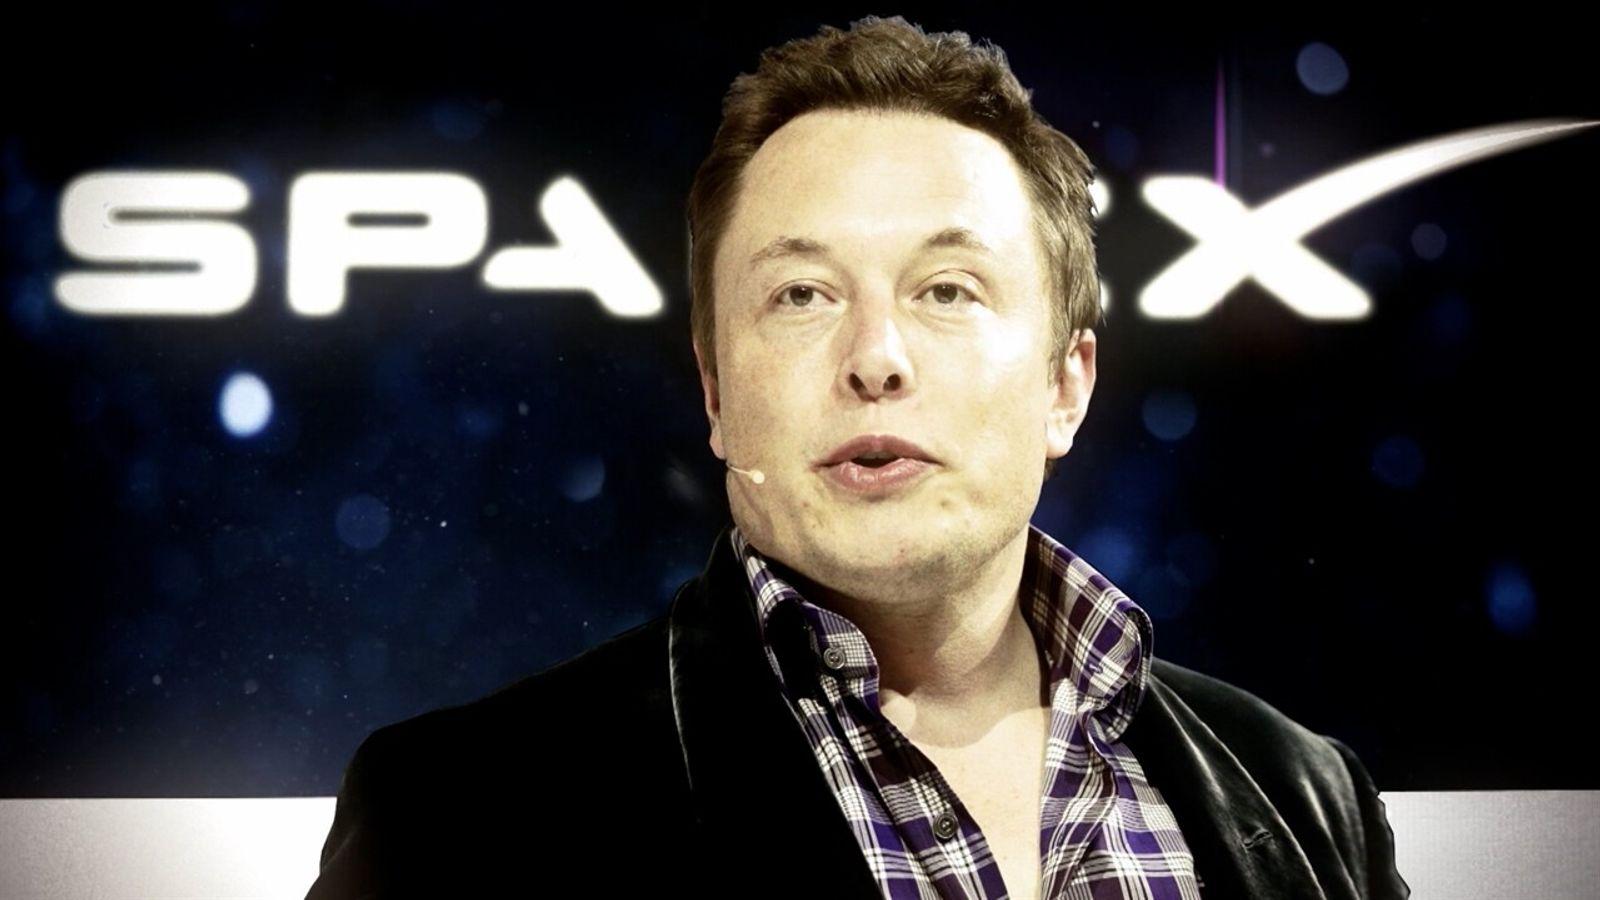 Elon Musk, uno de los emprendedores más intrigantes